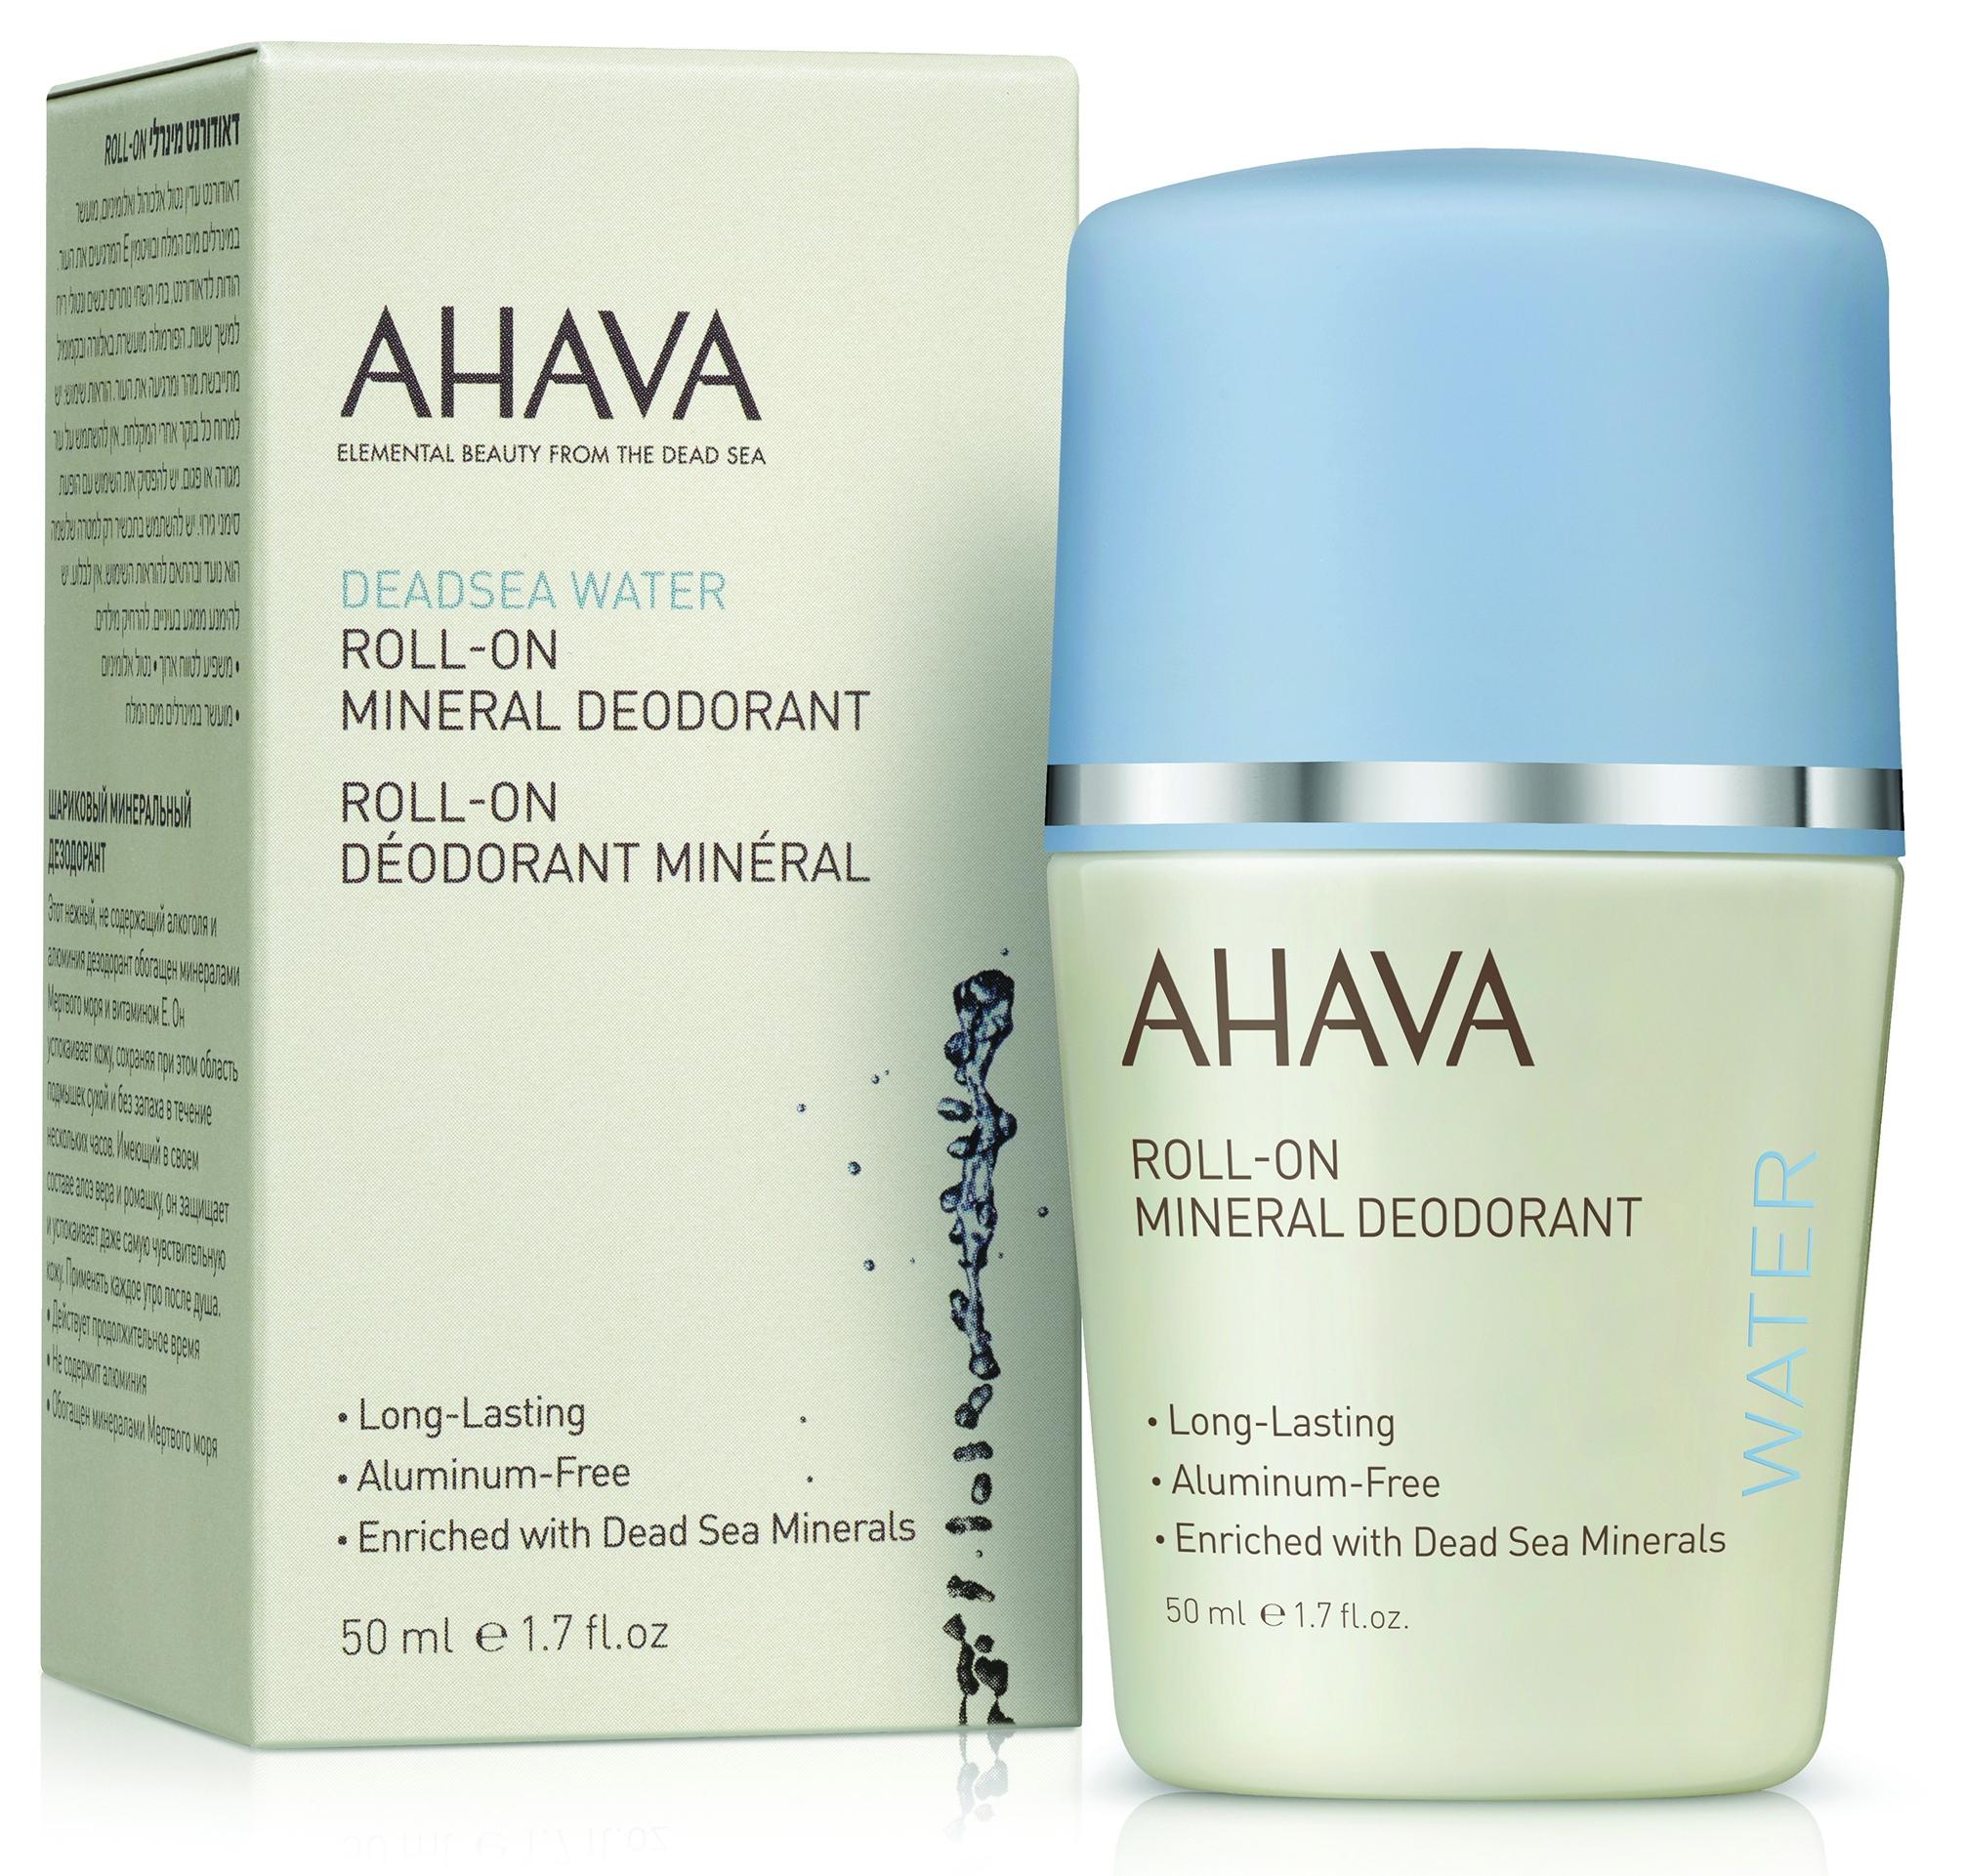 AHAVA Дезодорант шариковый минеральный для женщин / Deadsea Water 50 мл - Дезодоранты